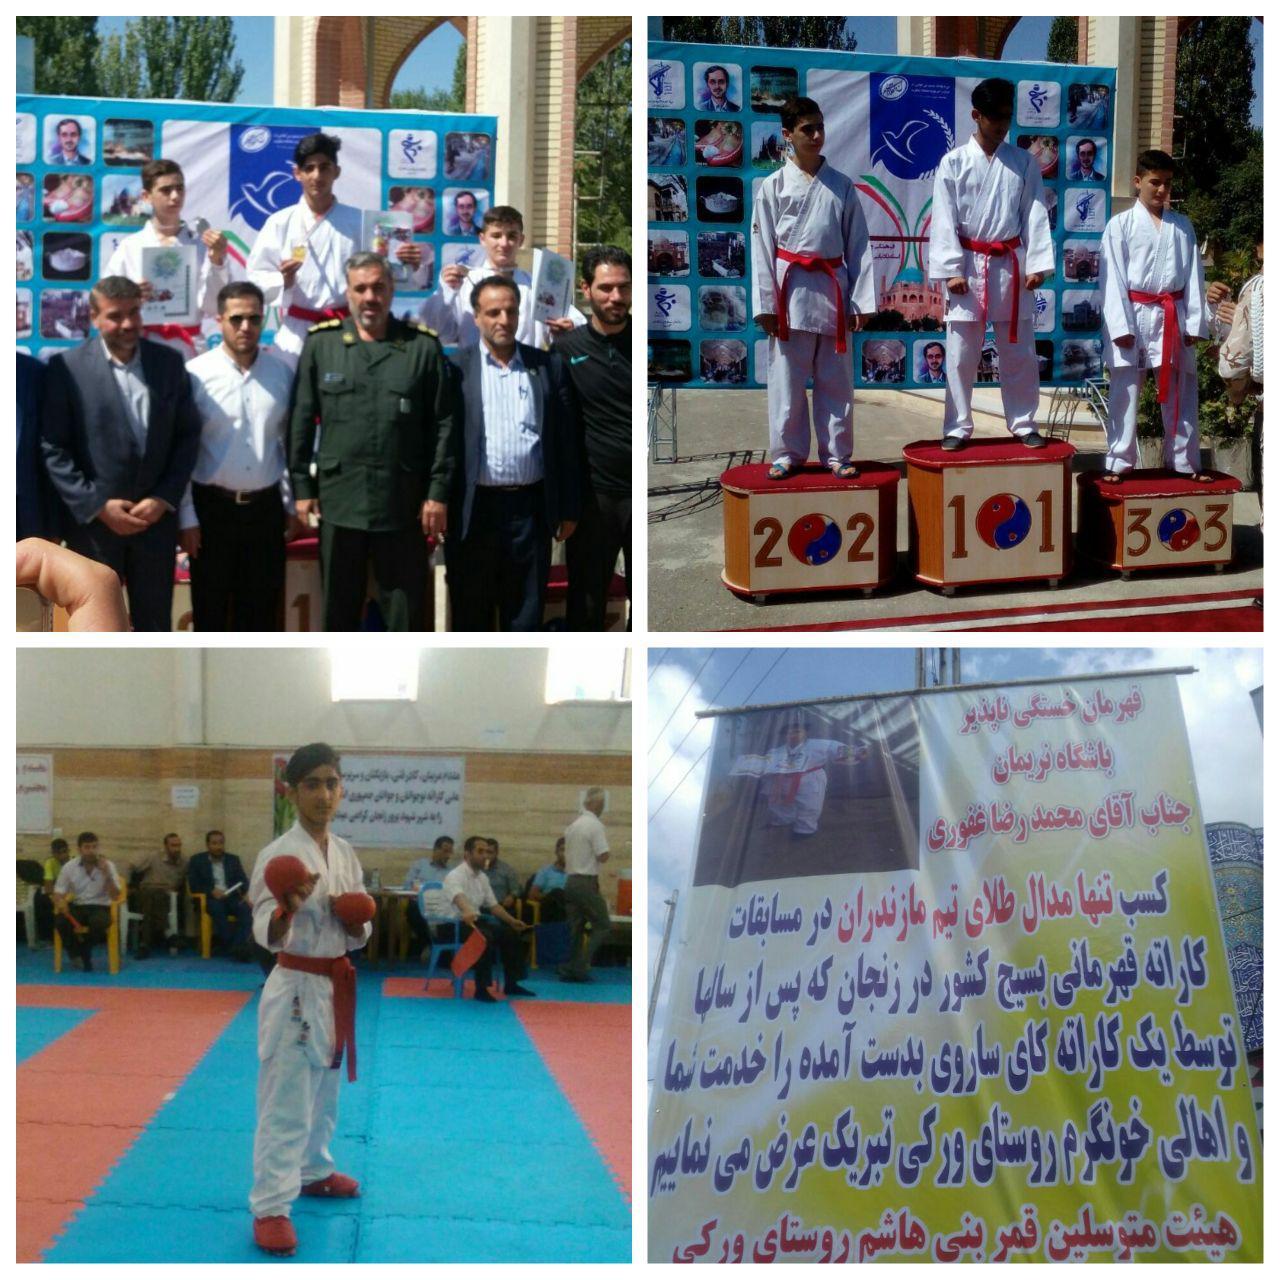 نونهالان ساروی در مسابقات کشوری کاراته استان البرز خوش درخشیدند